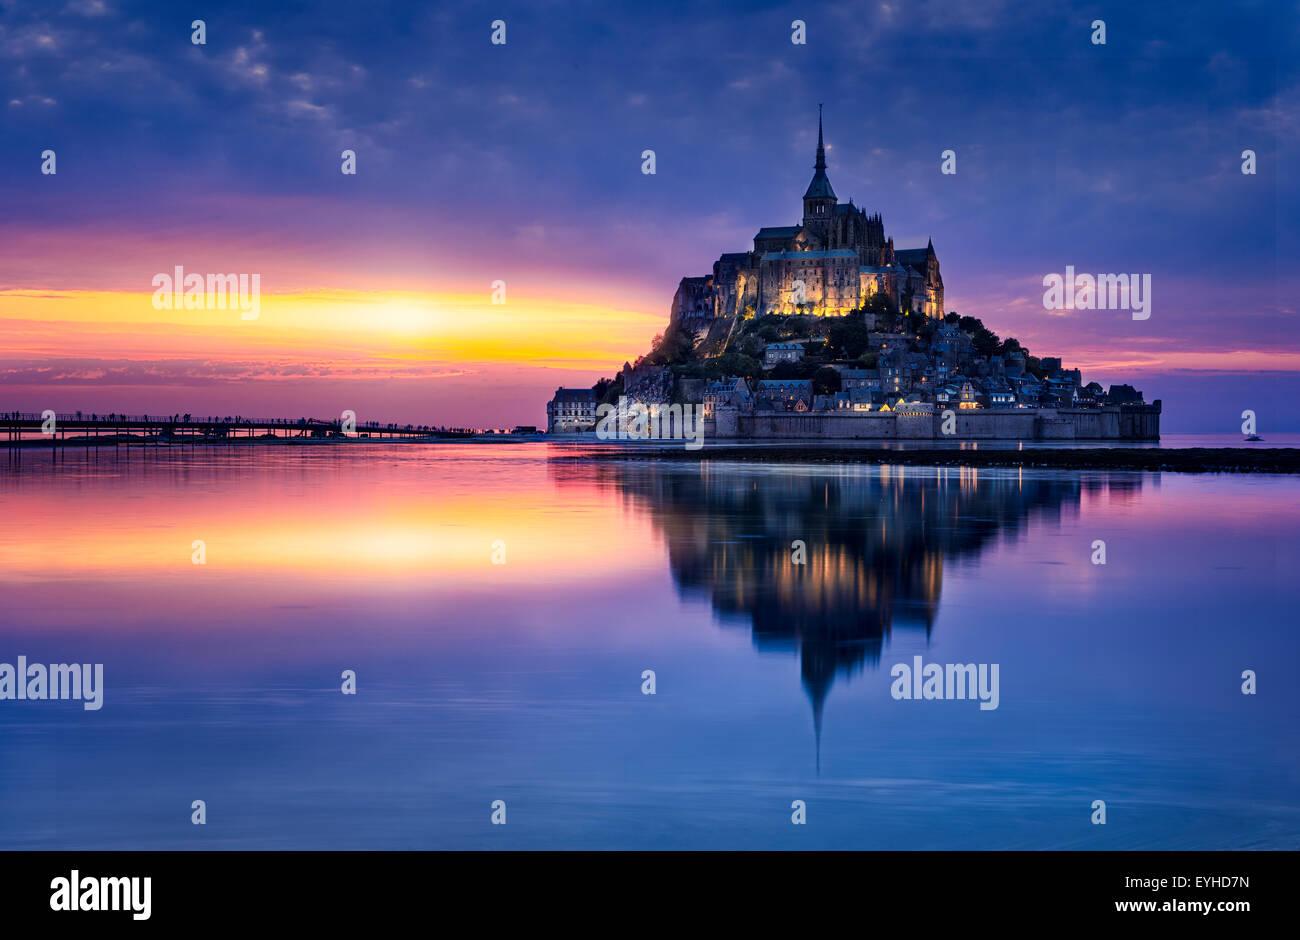 Le Mont-Saint-Michel dans le crépuscule Photo Stock